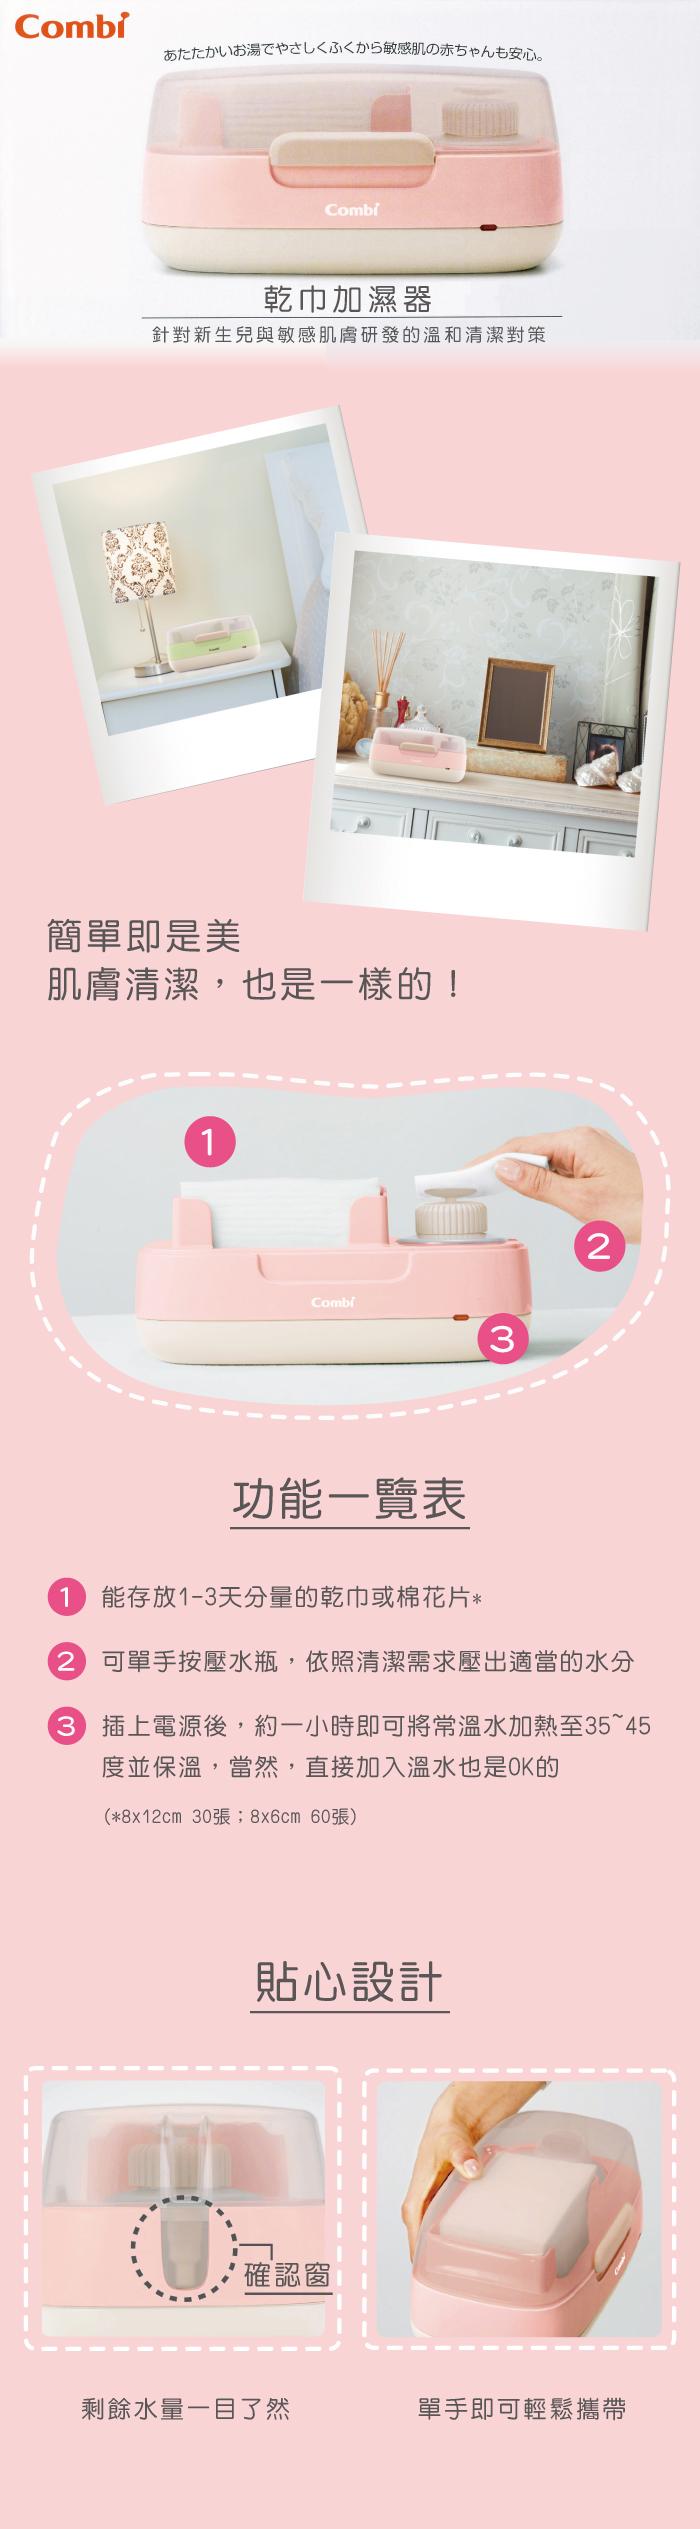 Combi|乾巾加濕器+純棉超柔布巾6入組